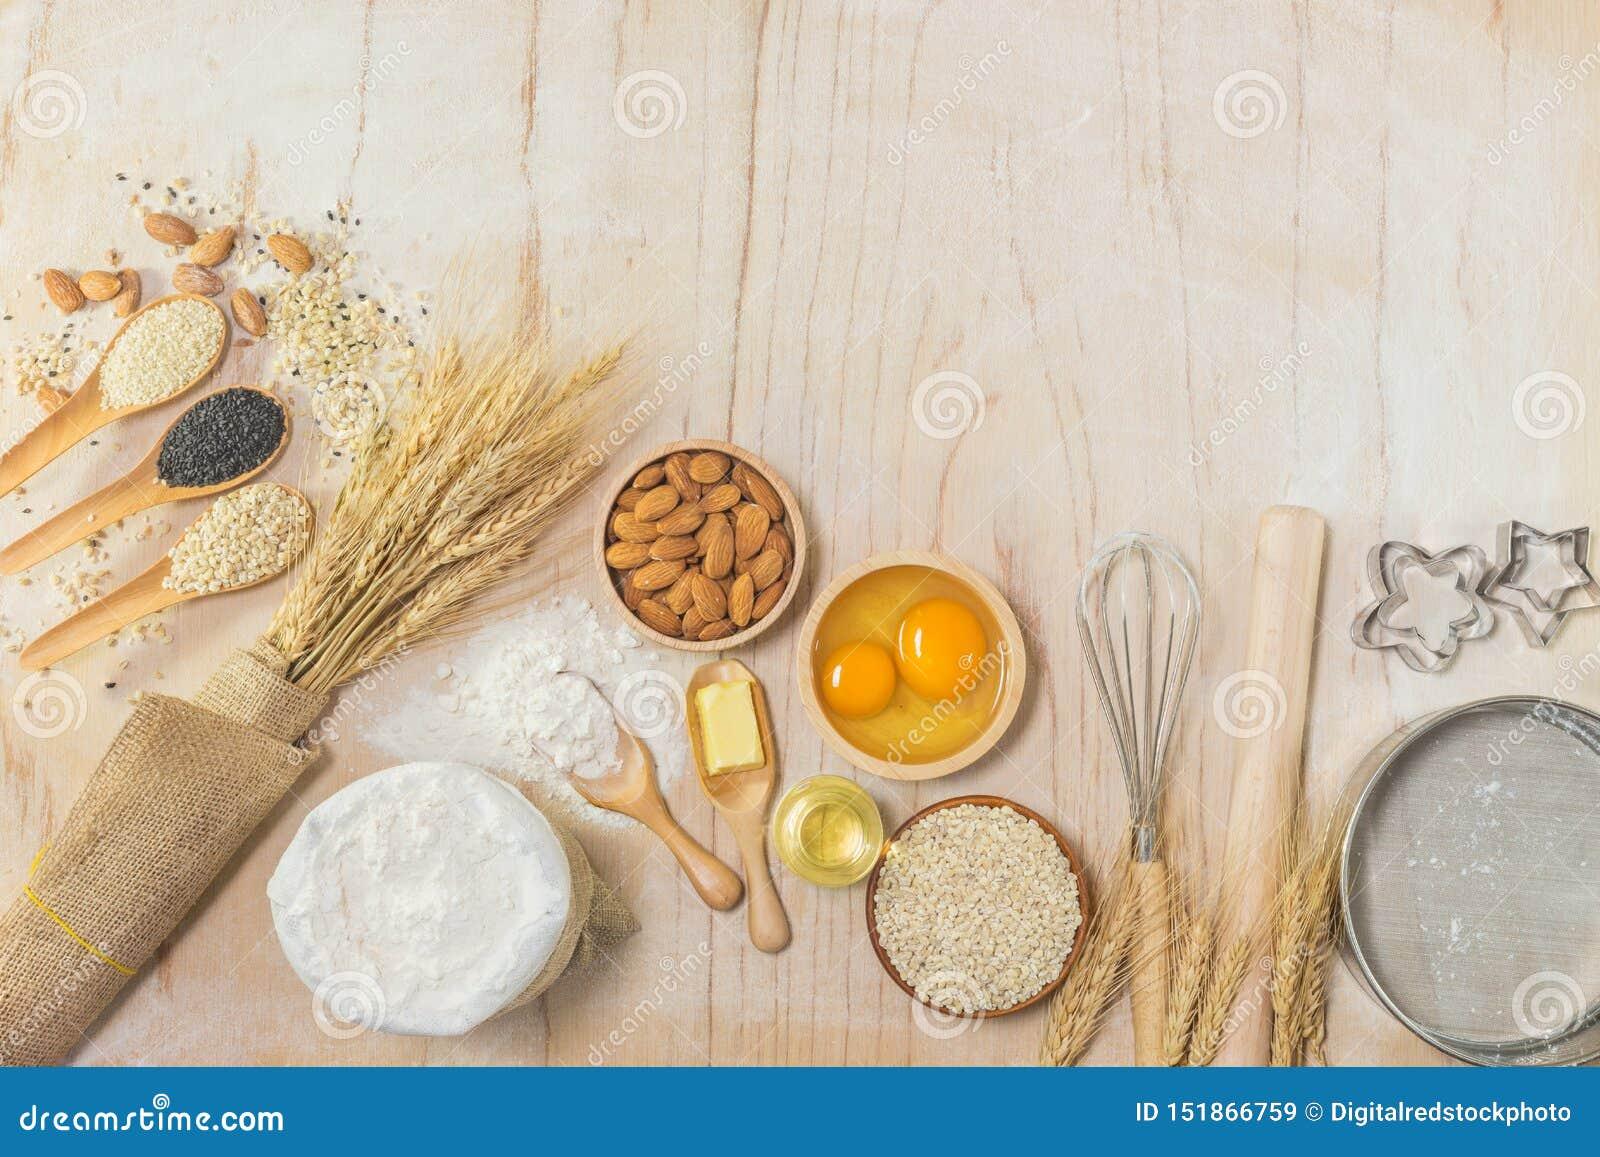 Accessoires de cuisine et ingrédients de cuisson